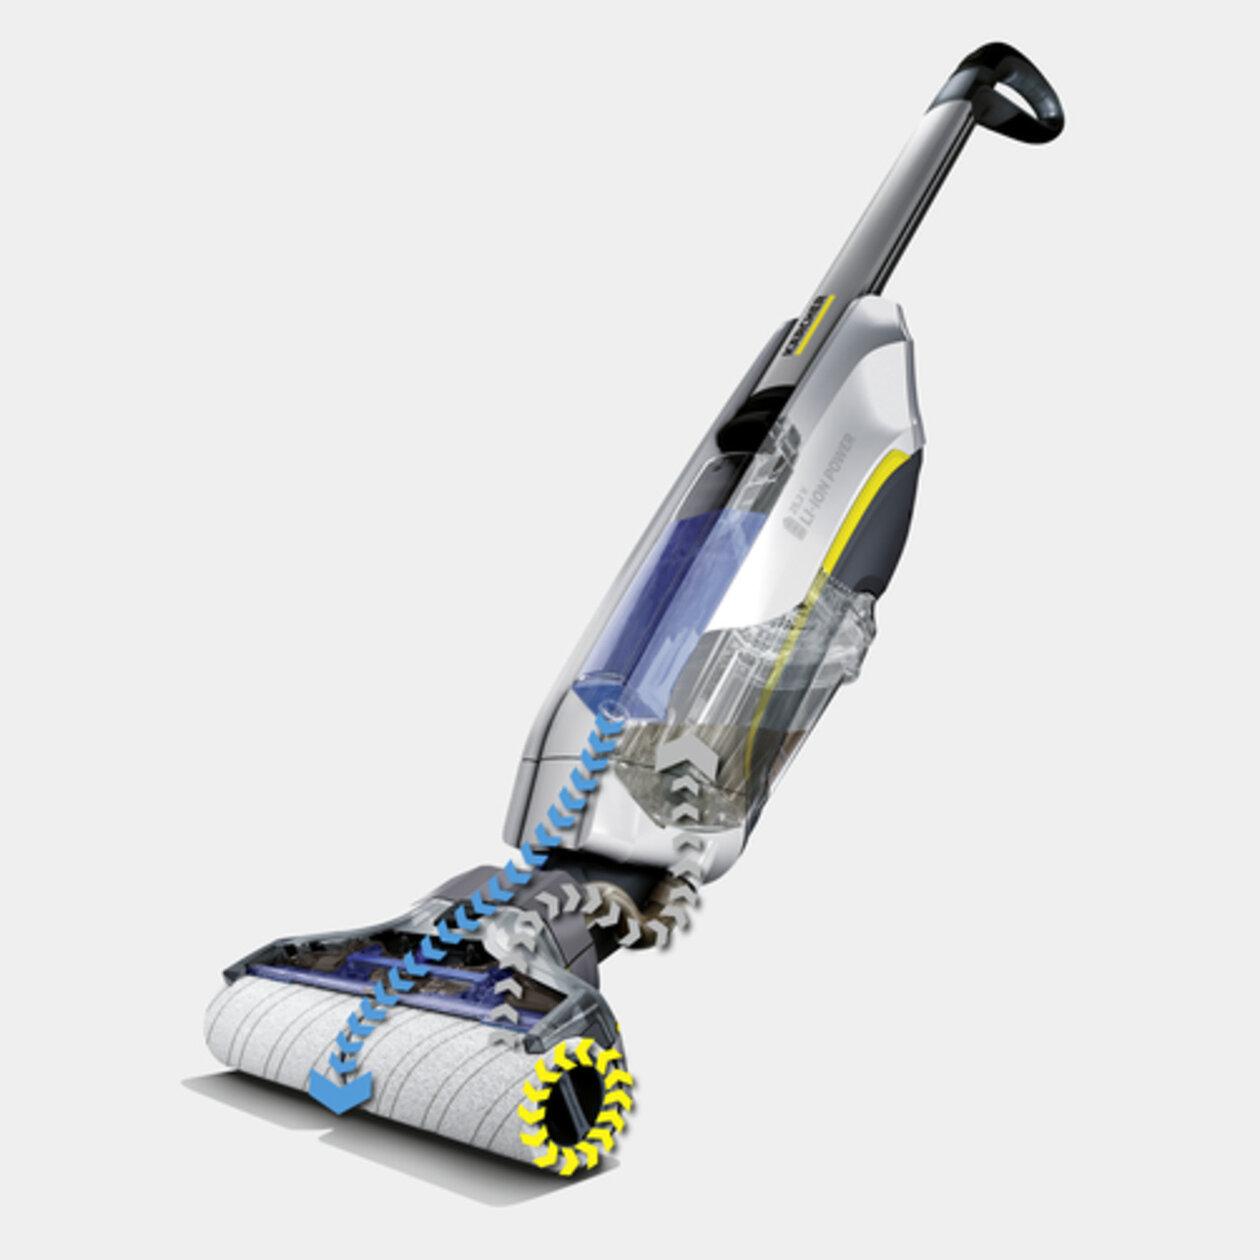 Čistič tvrdých podlah FC 5 Premium white (model 2019): Funkce samočištění automatickým odsáváním nečistot z válců